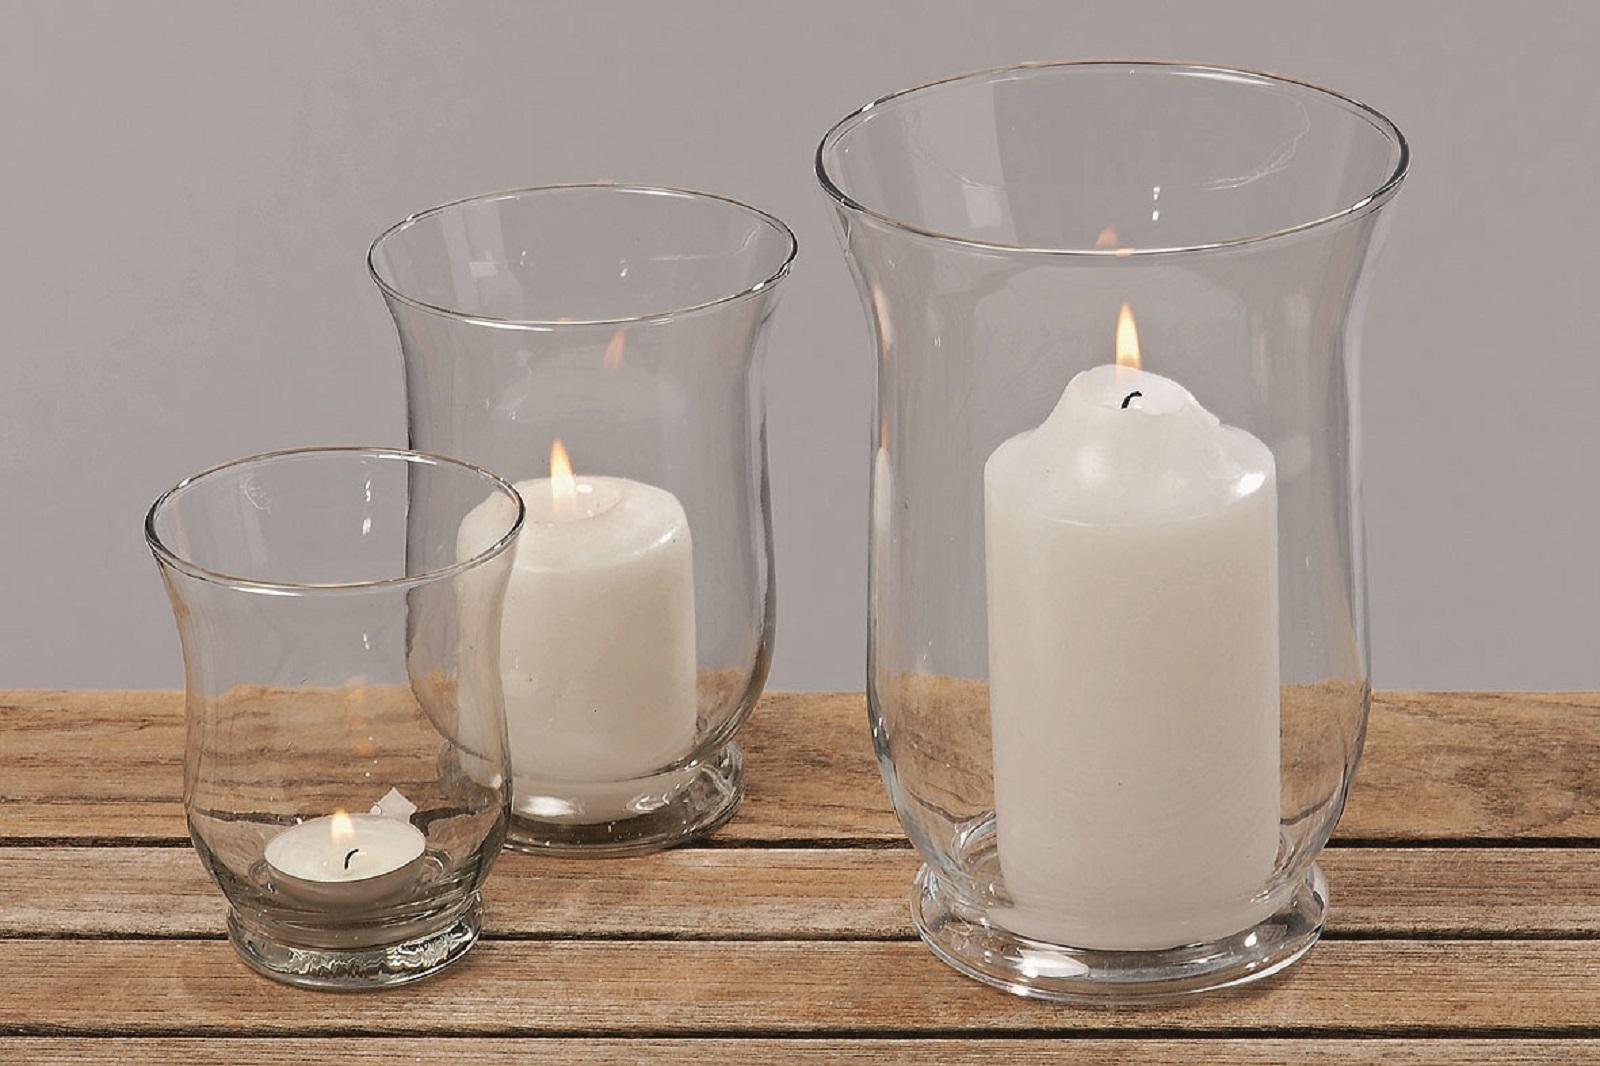 Windlicht, 3 teilig, Glas,Vase, 3er Set, Teelicht, Neu